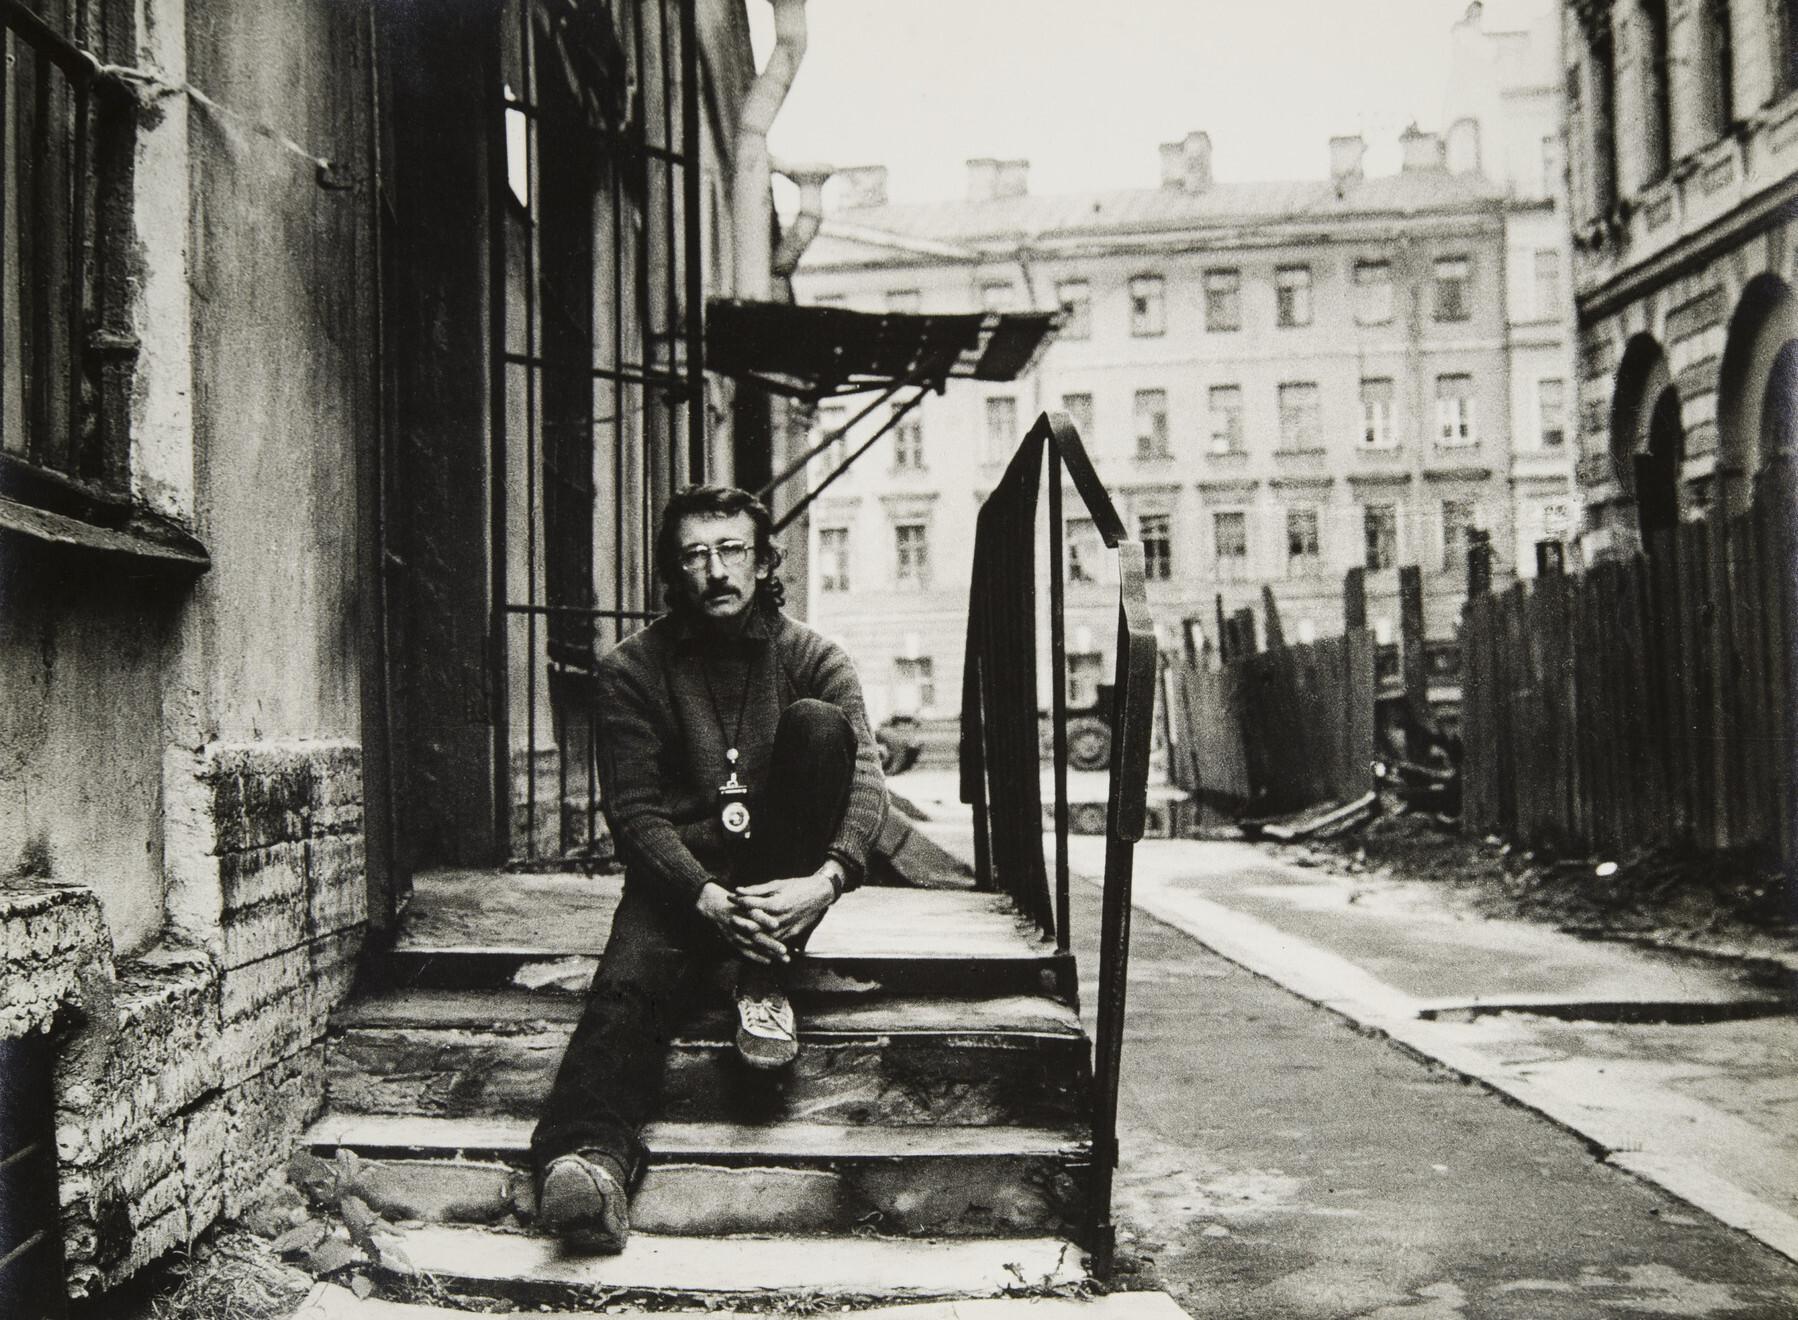 Сергей Королев.    Автопортрет   Ленинград, 1987- 1989